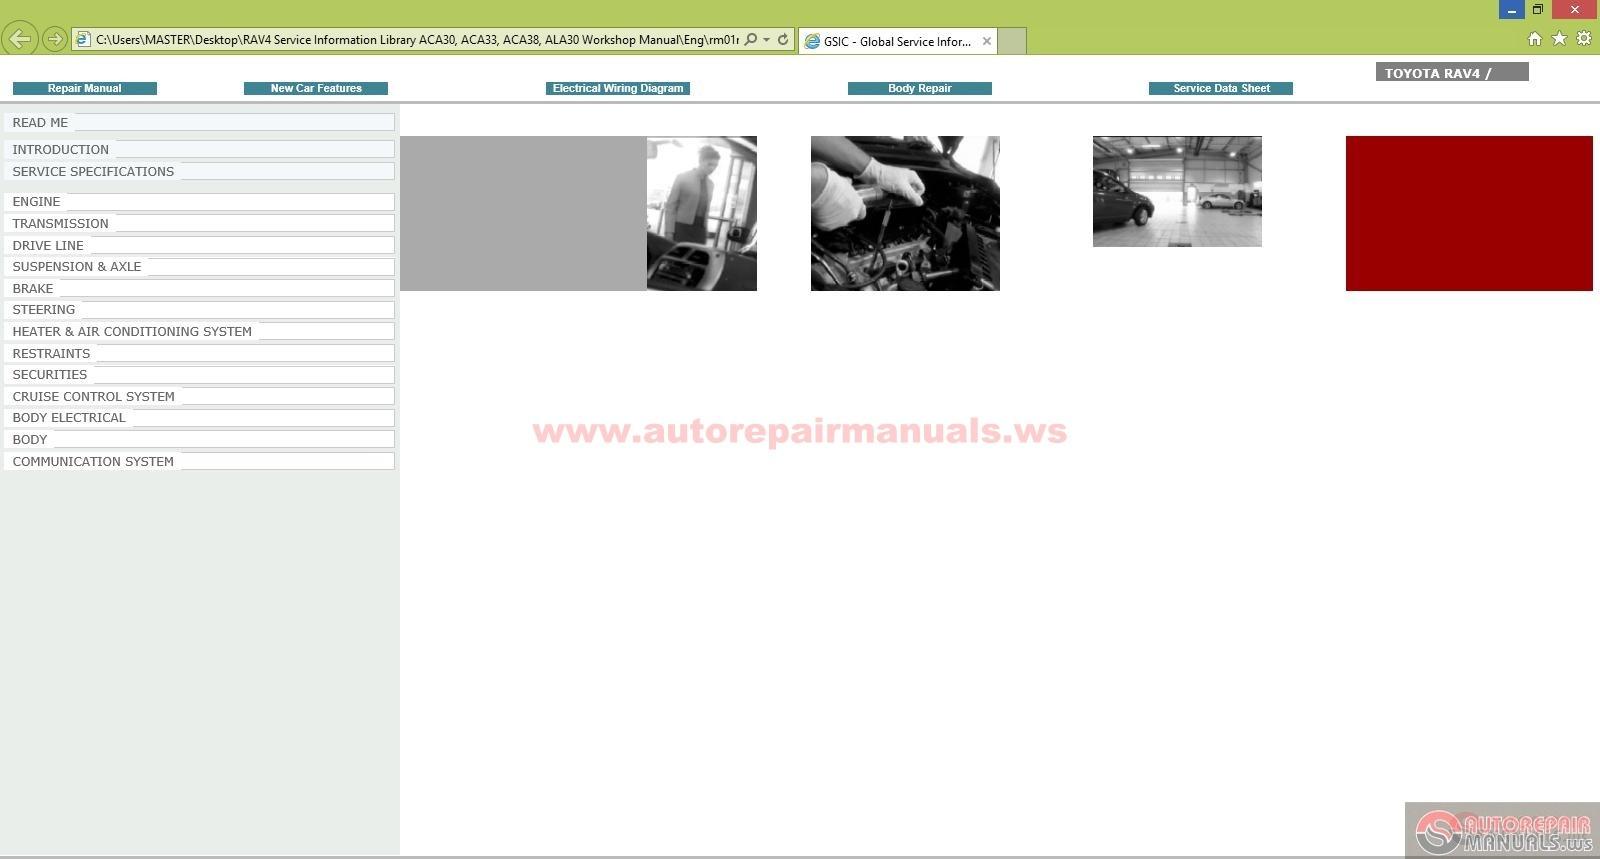 2011 toyota rav4 repair manual pdf